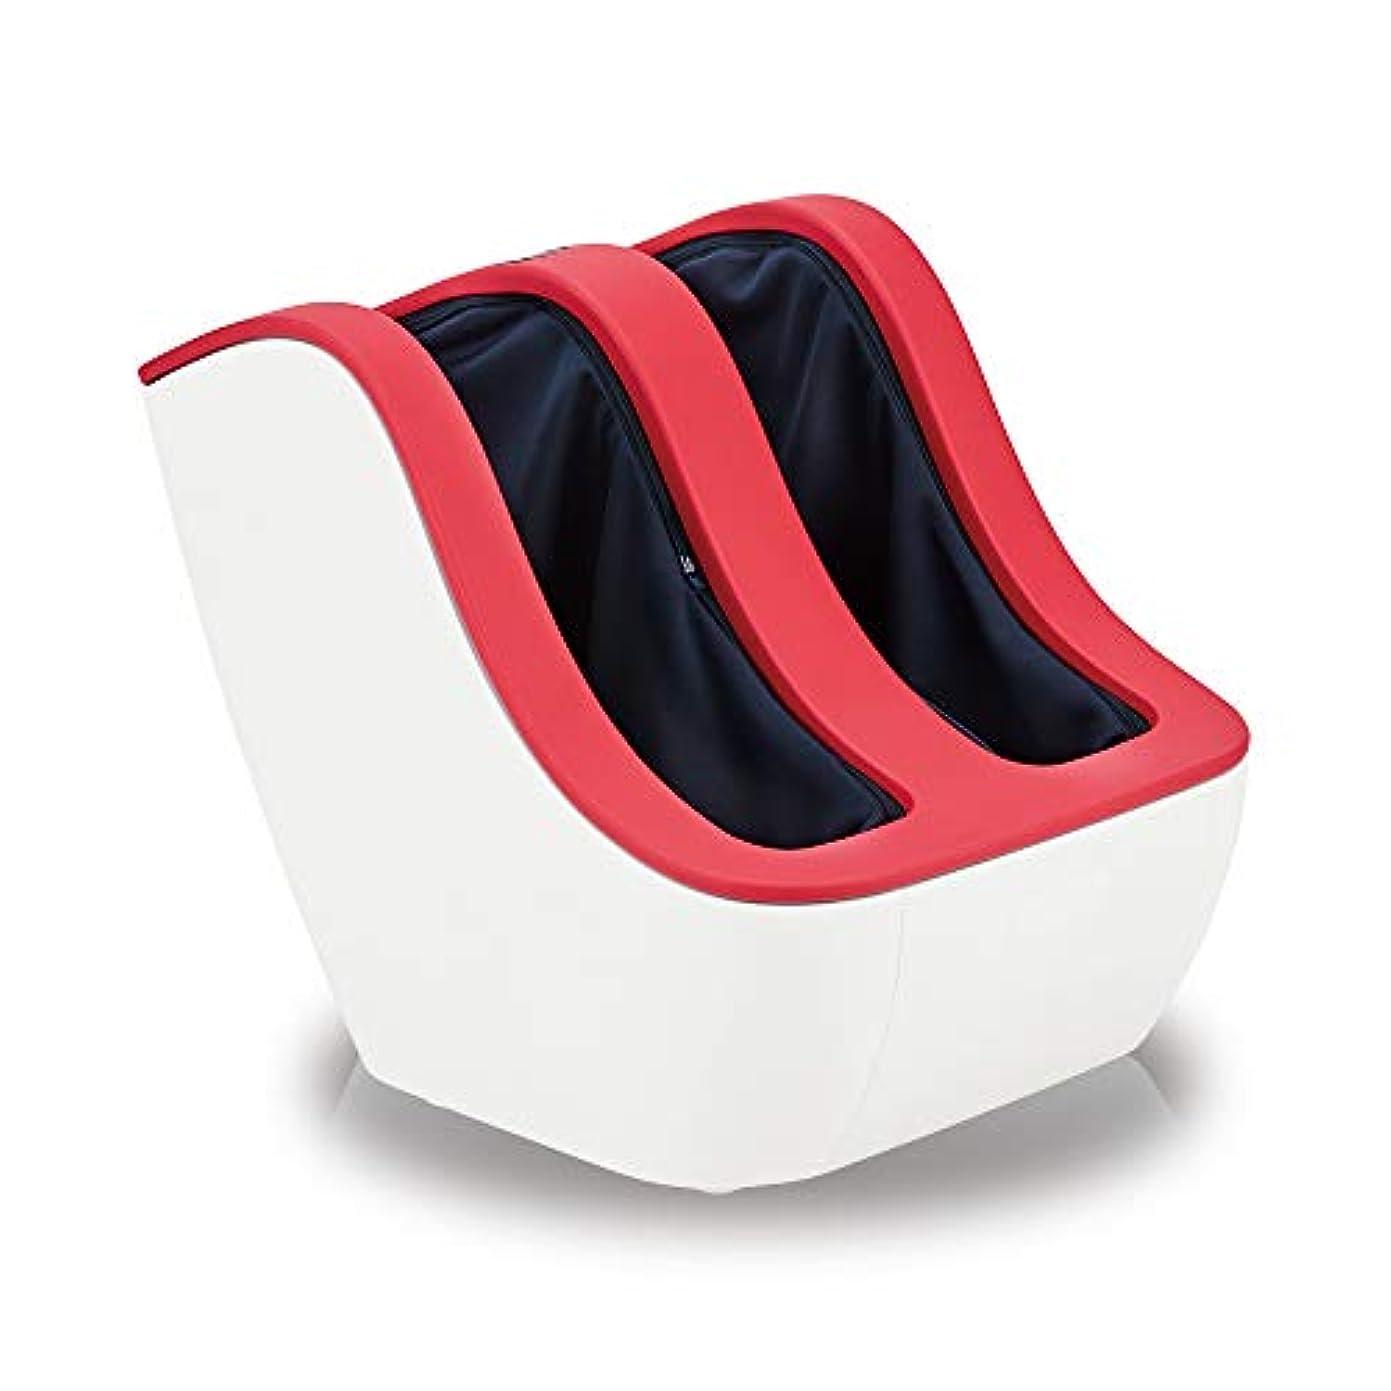 圧縮された平行暗黙シンカ フットマッサージャー [ レッド / FM212 ] 美脚 医療機器 (3Dもみ玉ローラー) ふくらはぎ 足の裏 おしゃれ マッサージ ヒーター機能付き